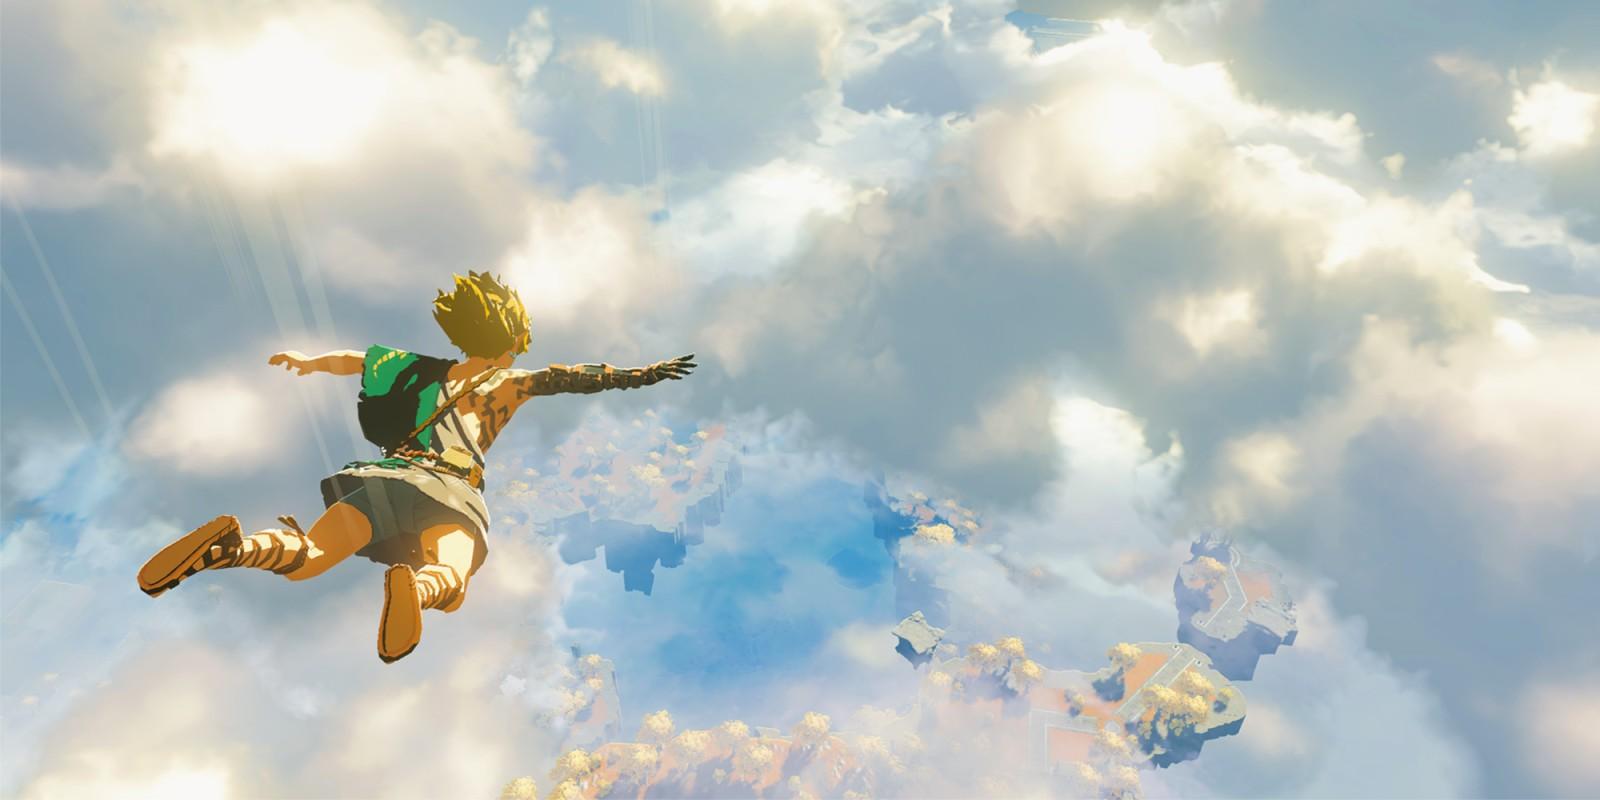 Der Nachfolger zu The Legend of Zelda: Breath of the Wild